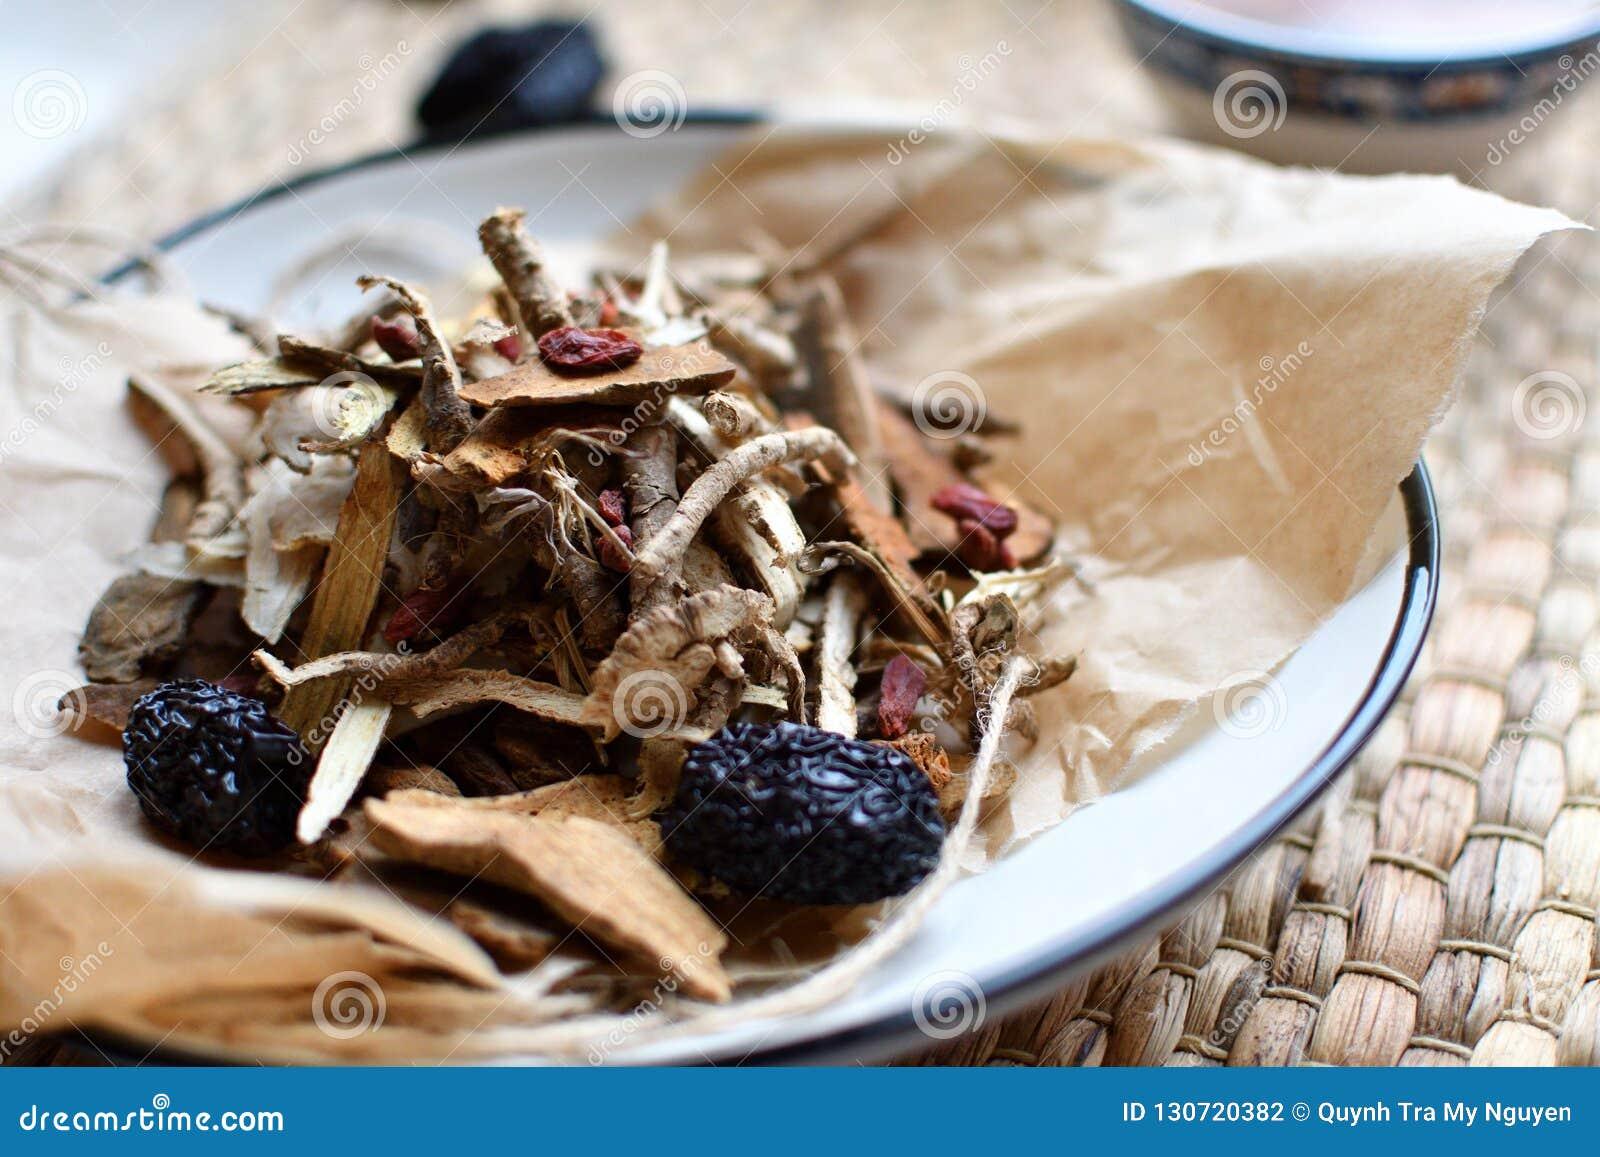 Manuscrit chinois de médecine traditionnelle Tisane avec des jujubes, des baies de goji, des racines de gingseng et d autres sur